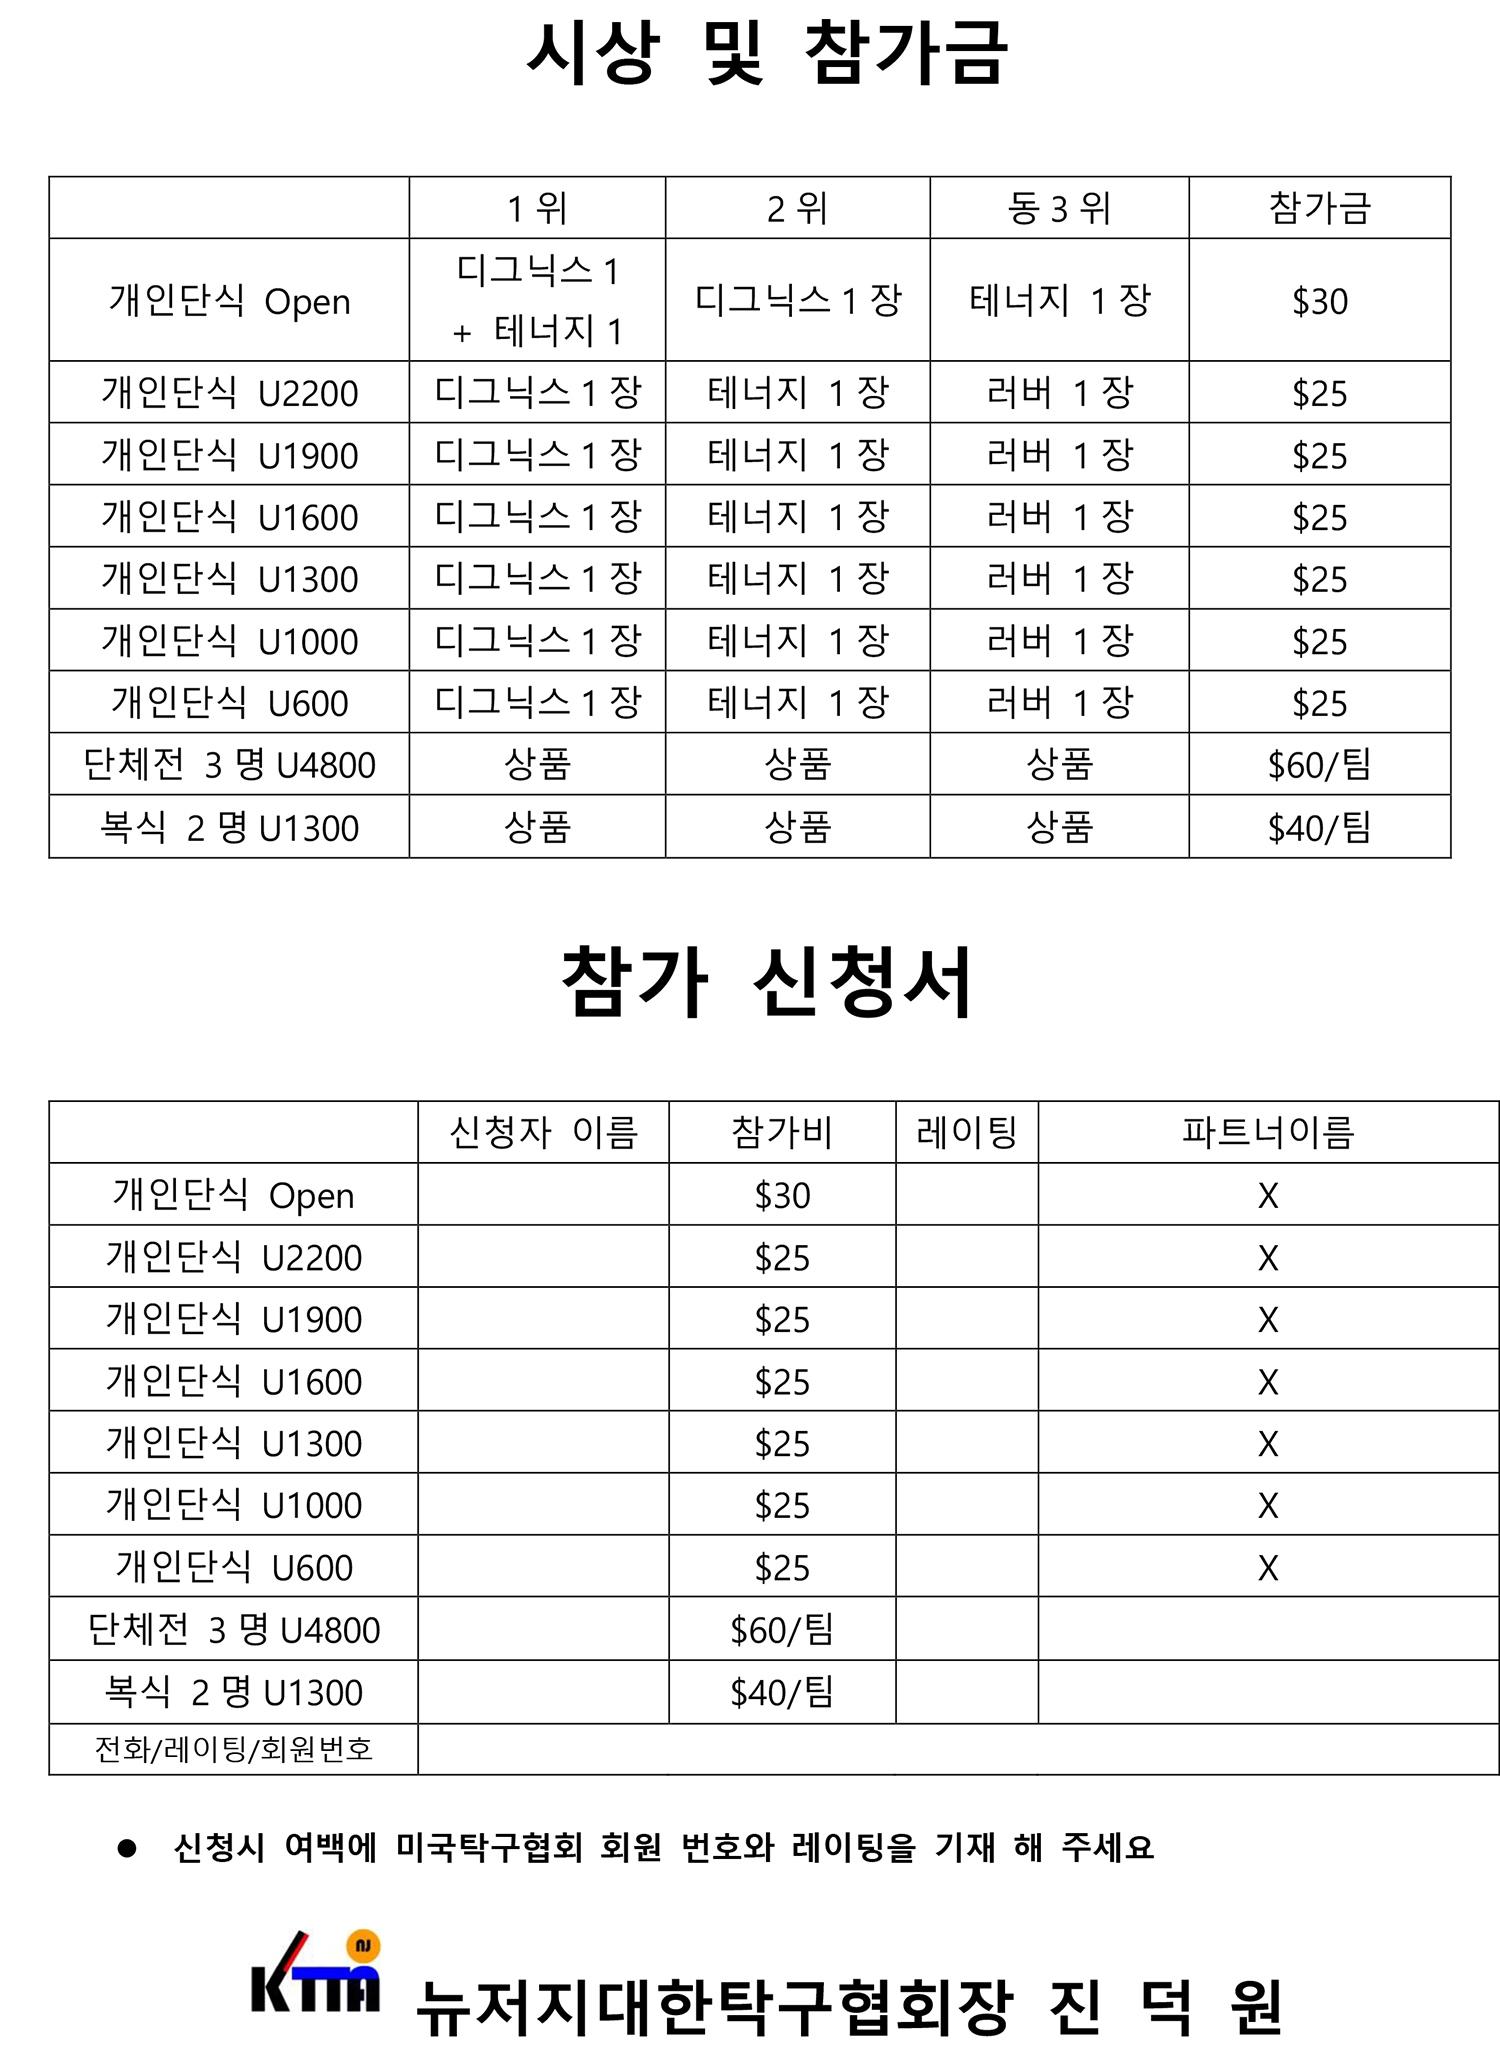 제9회 탁구대잔치 요강-3.jpg